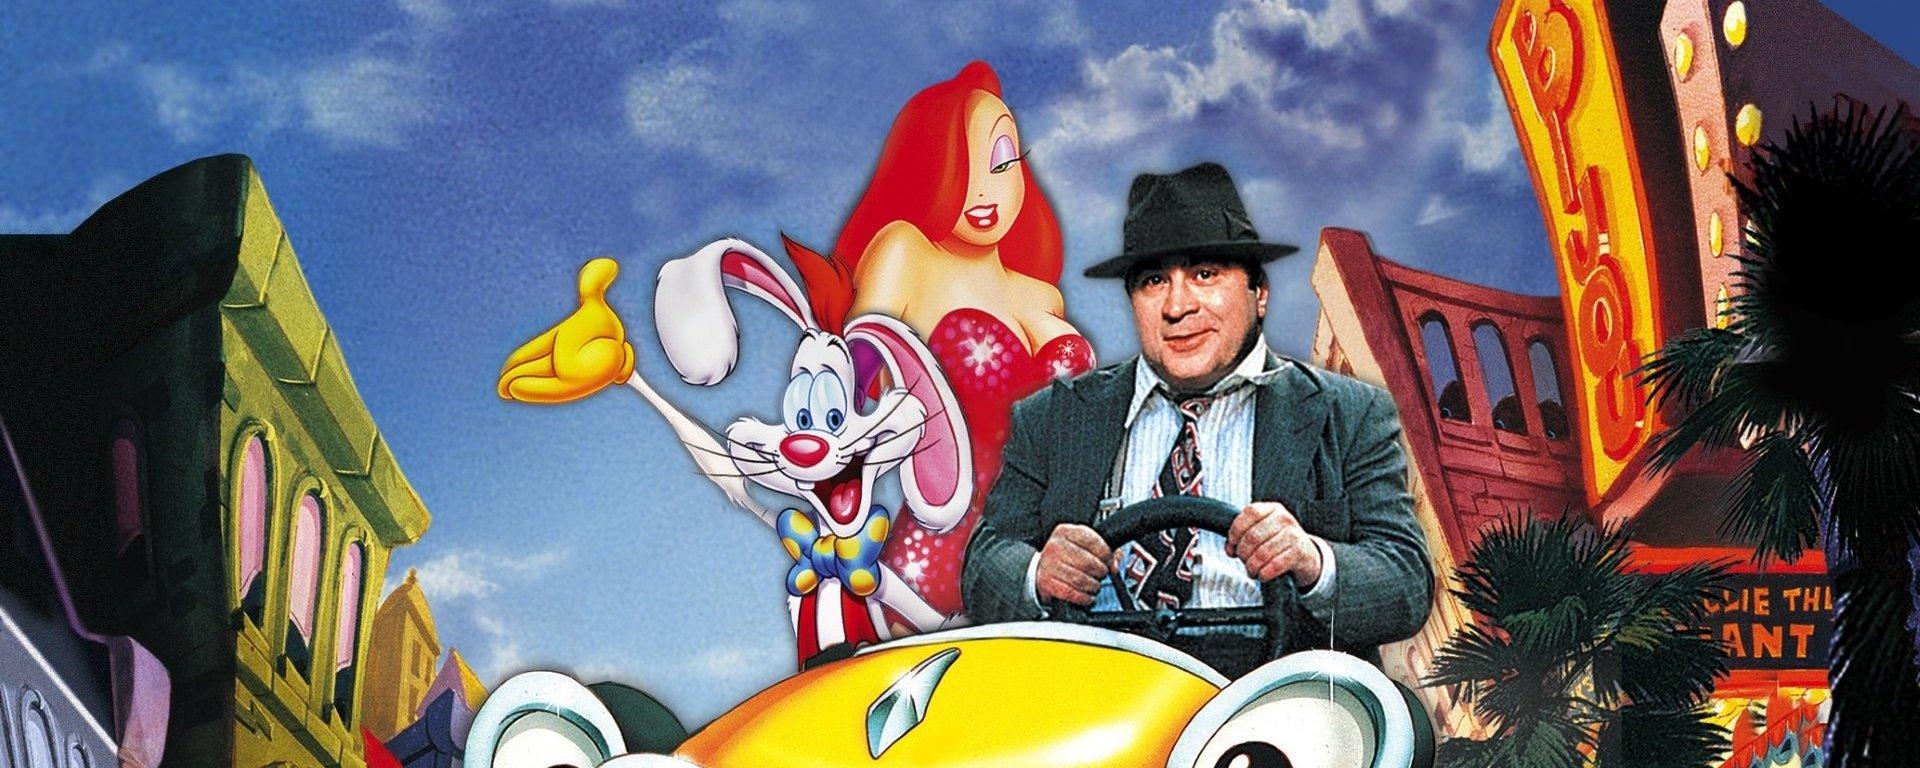 Roger-Rabbit-Cinema-Gizmo